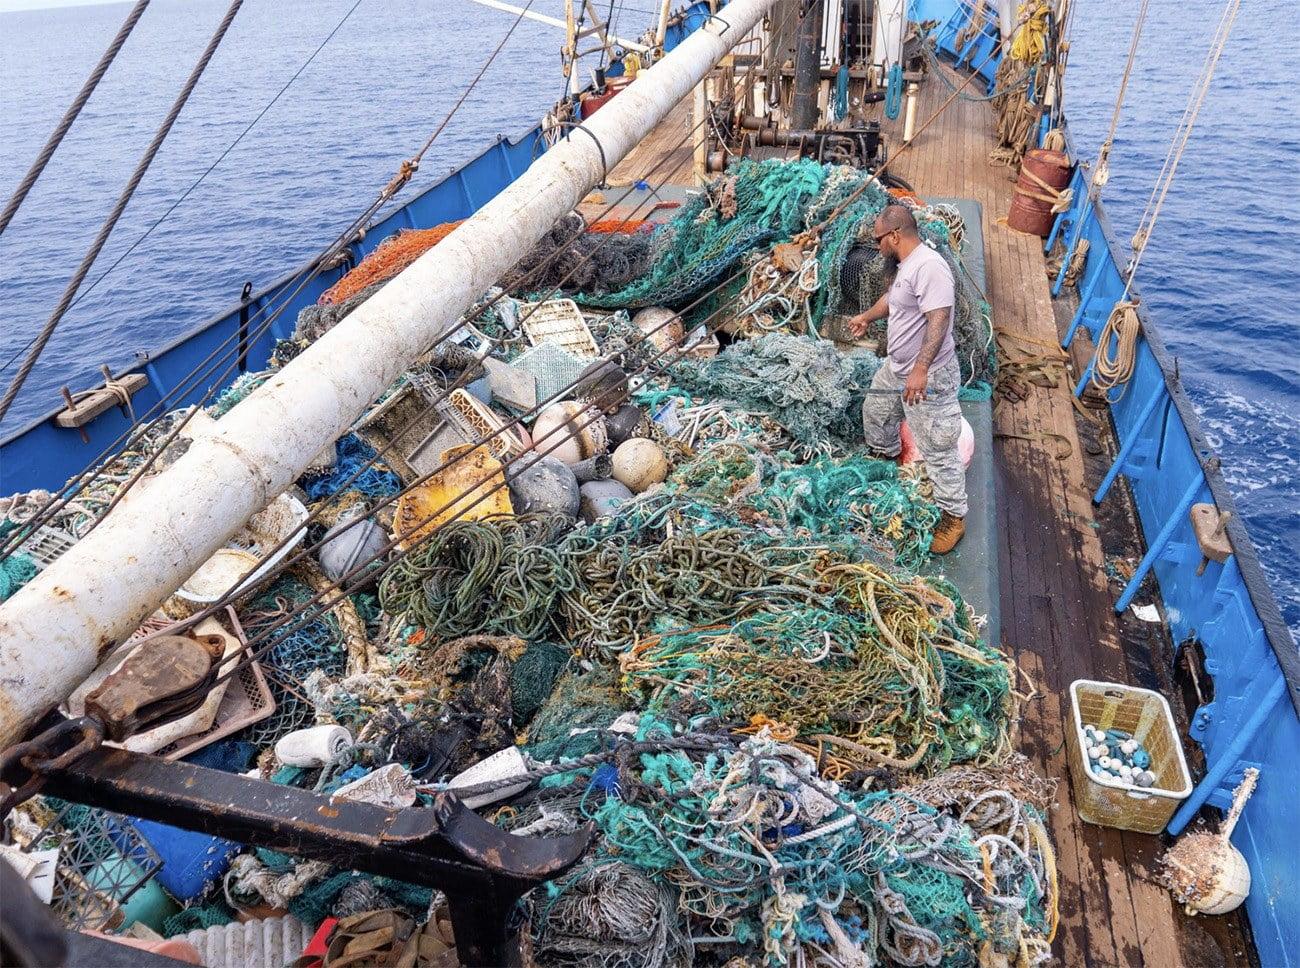 Imagens de redes no convés de barco